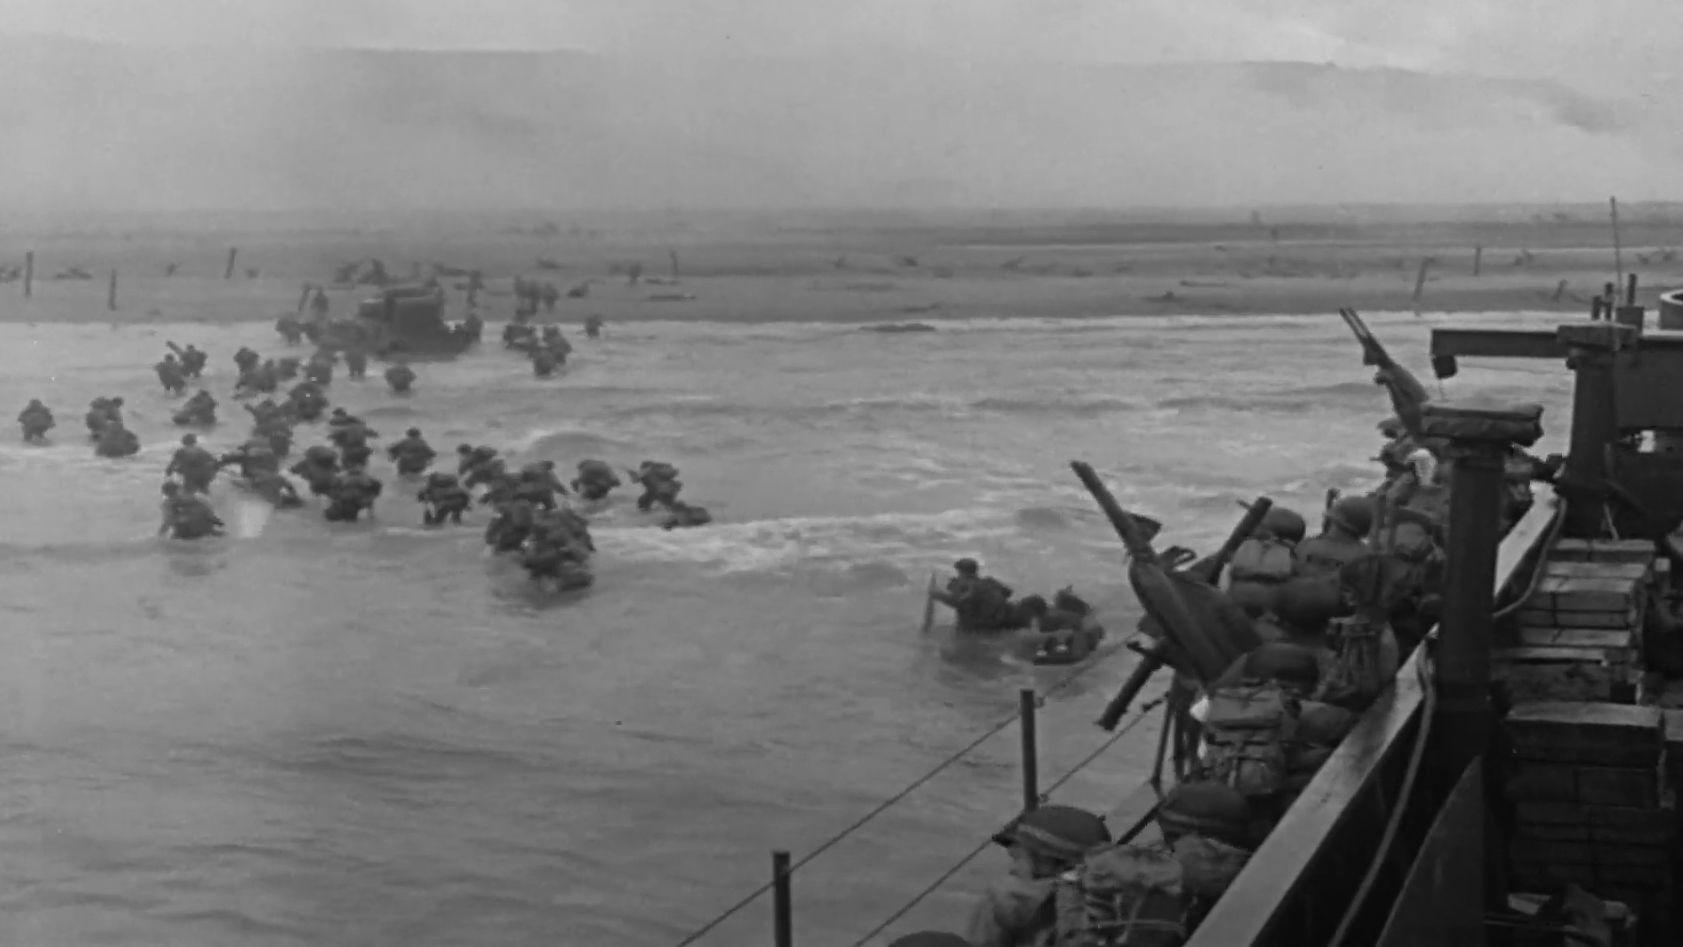 Lądowanie w Normandii – podwodne odkrycia, część 1